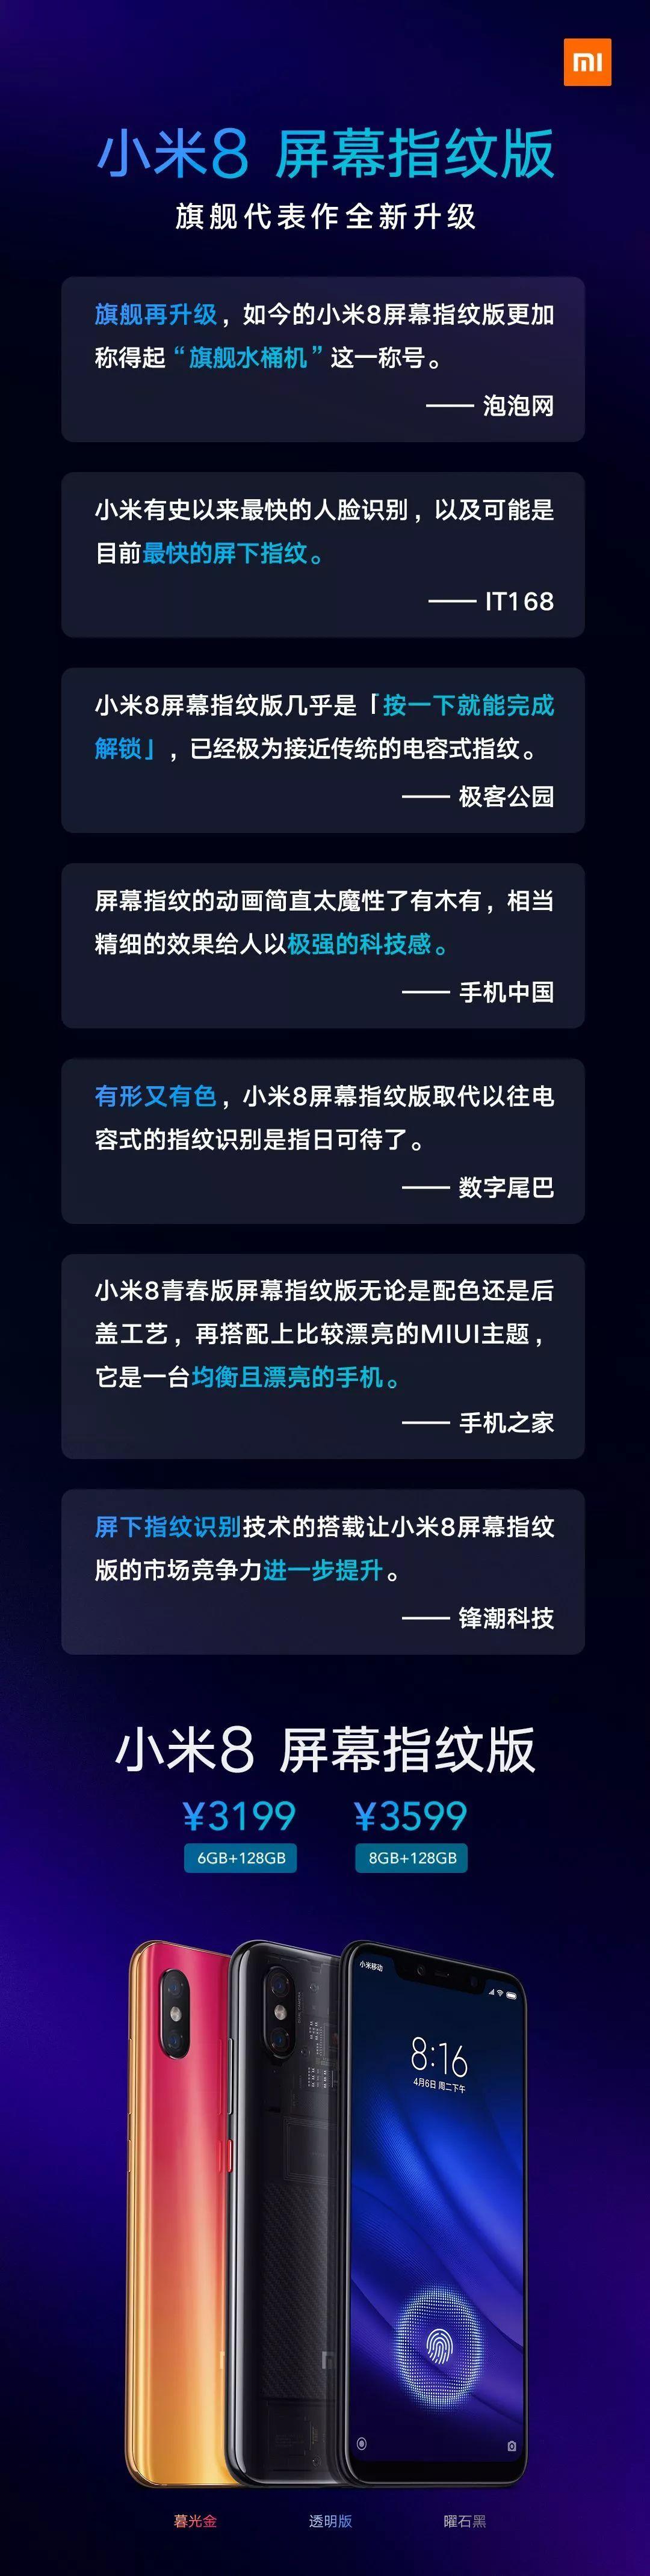 """小米8屏幕指纹版,媒体评价:称得起"""""""